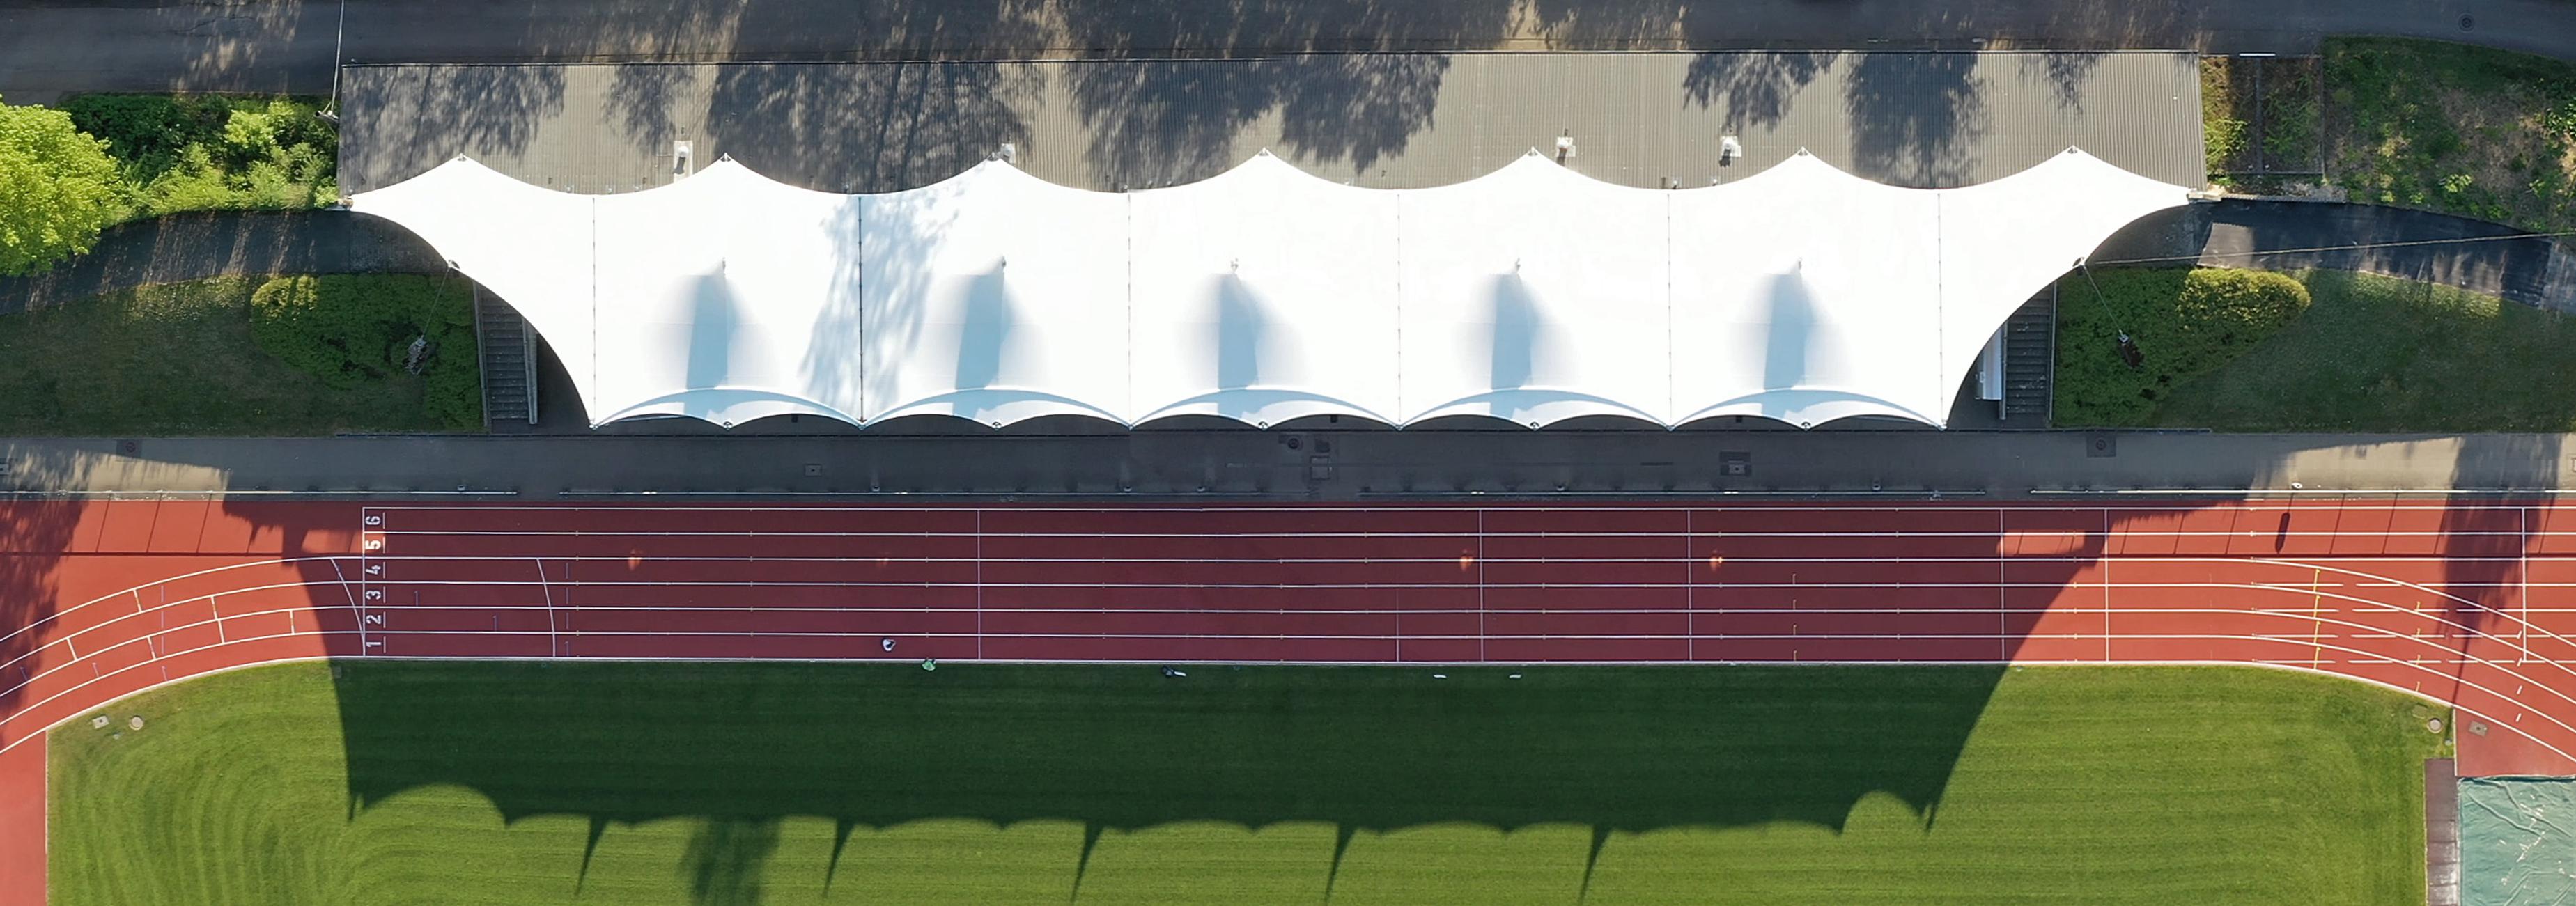 DAGERSHEIM STADION